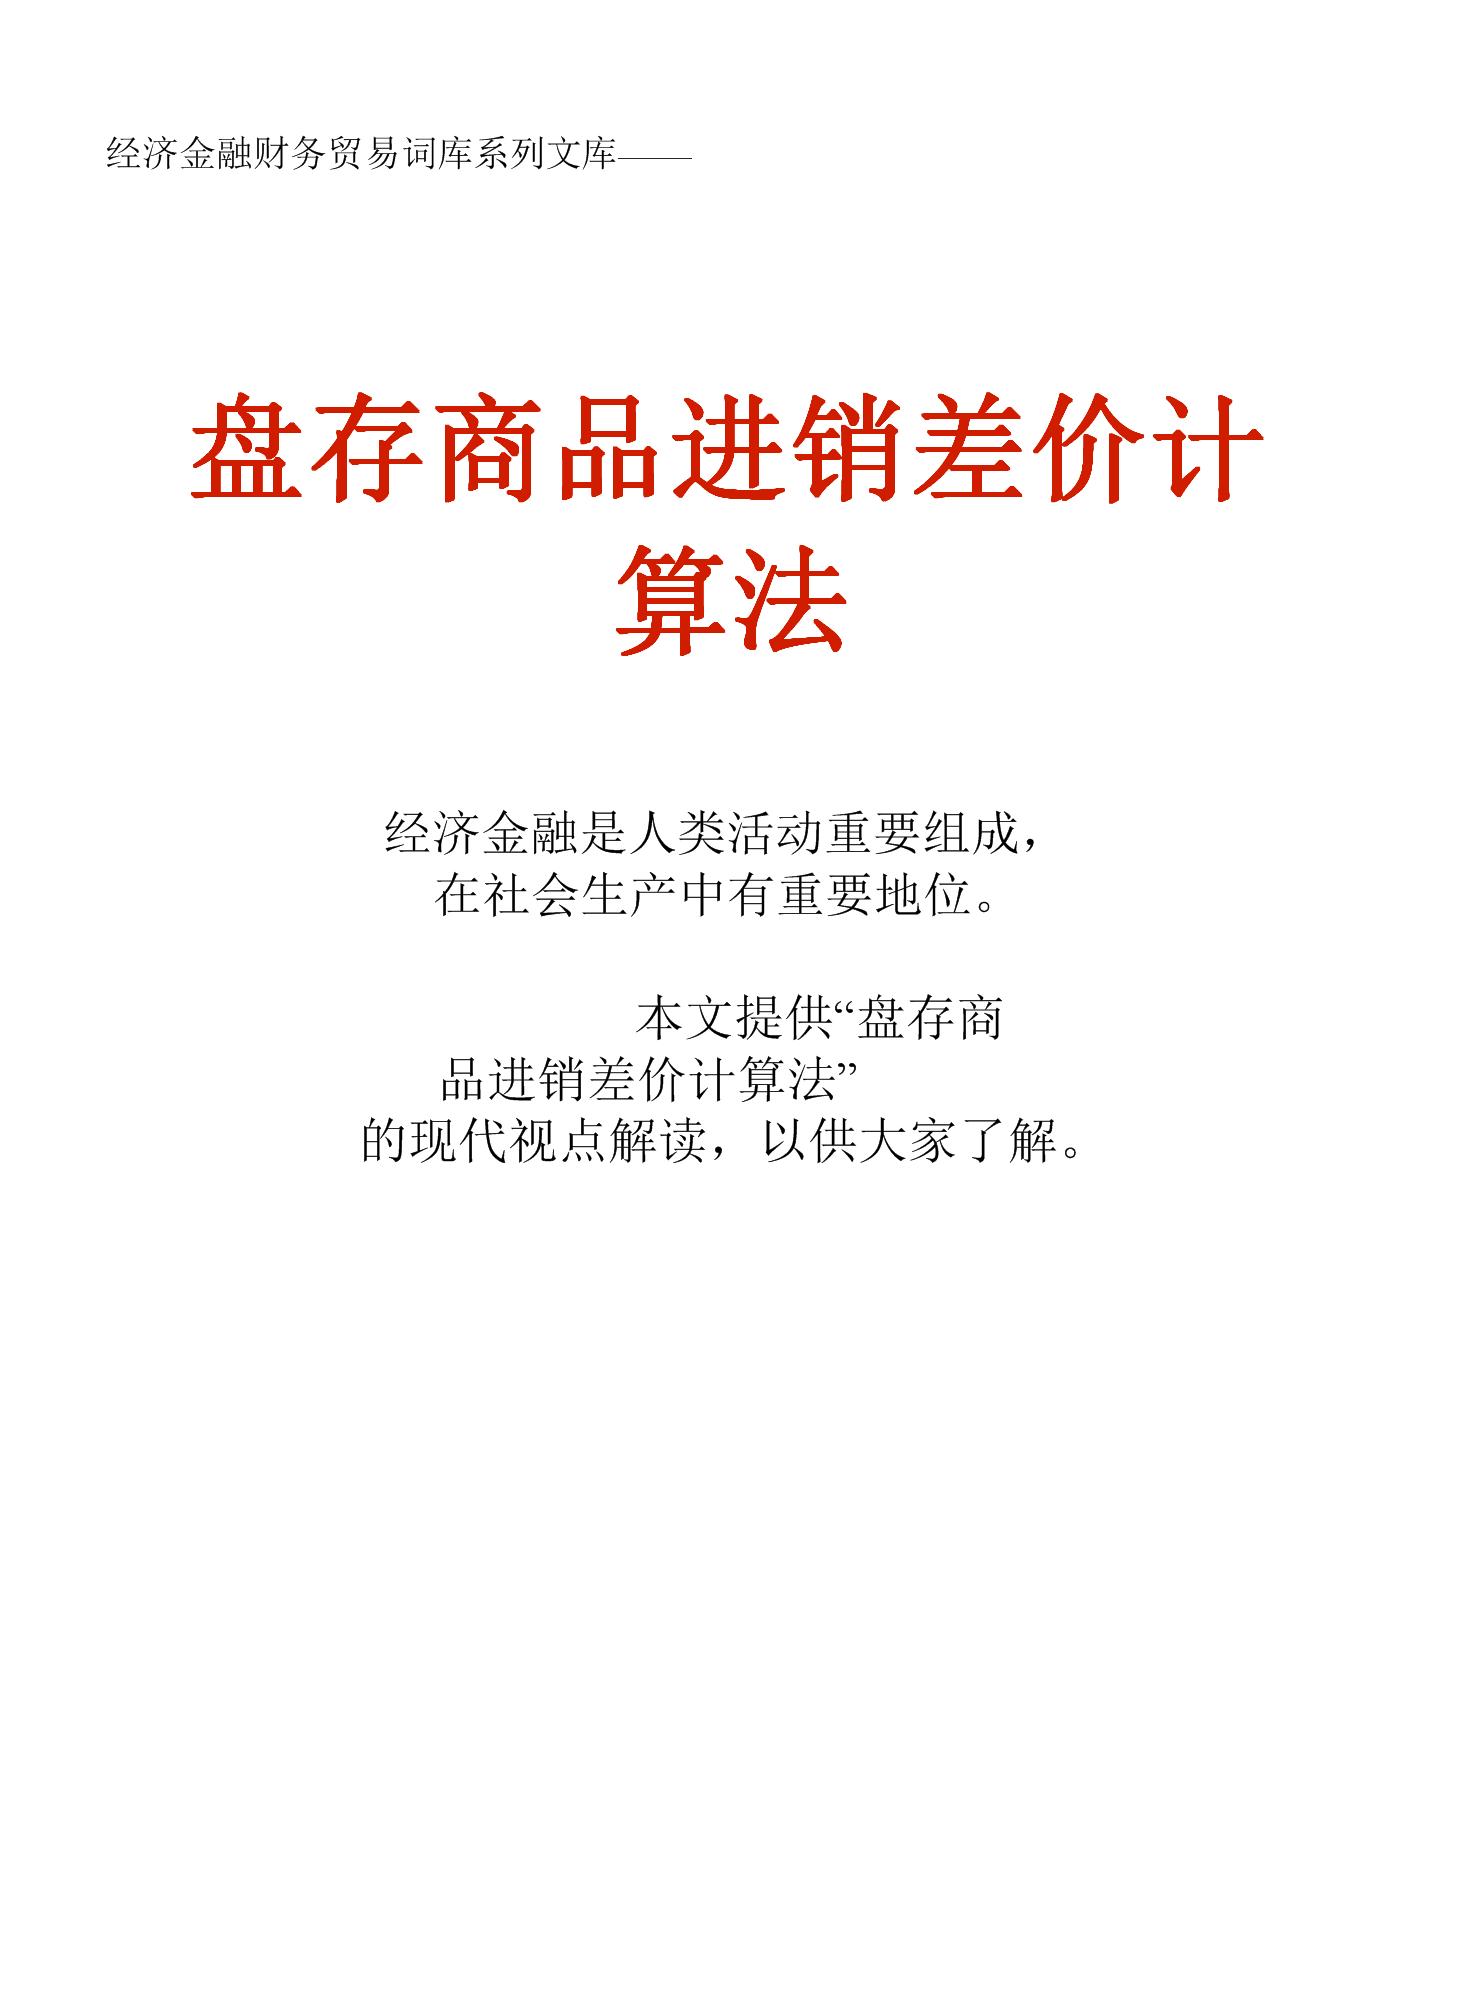 经济金融财务贸易词库:盘存商品进销差价计算法.doc